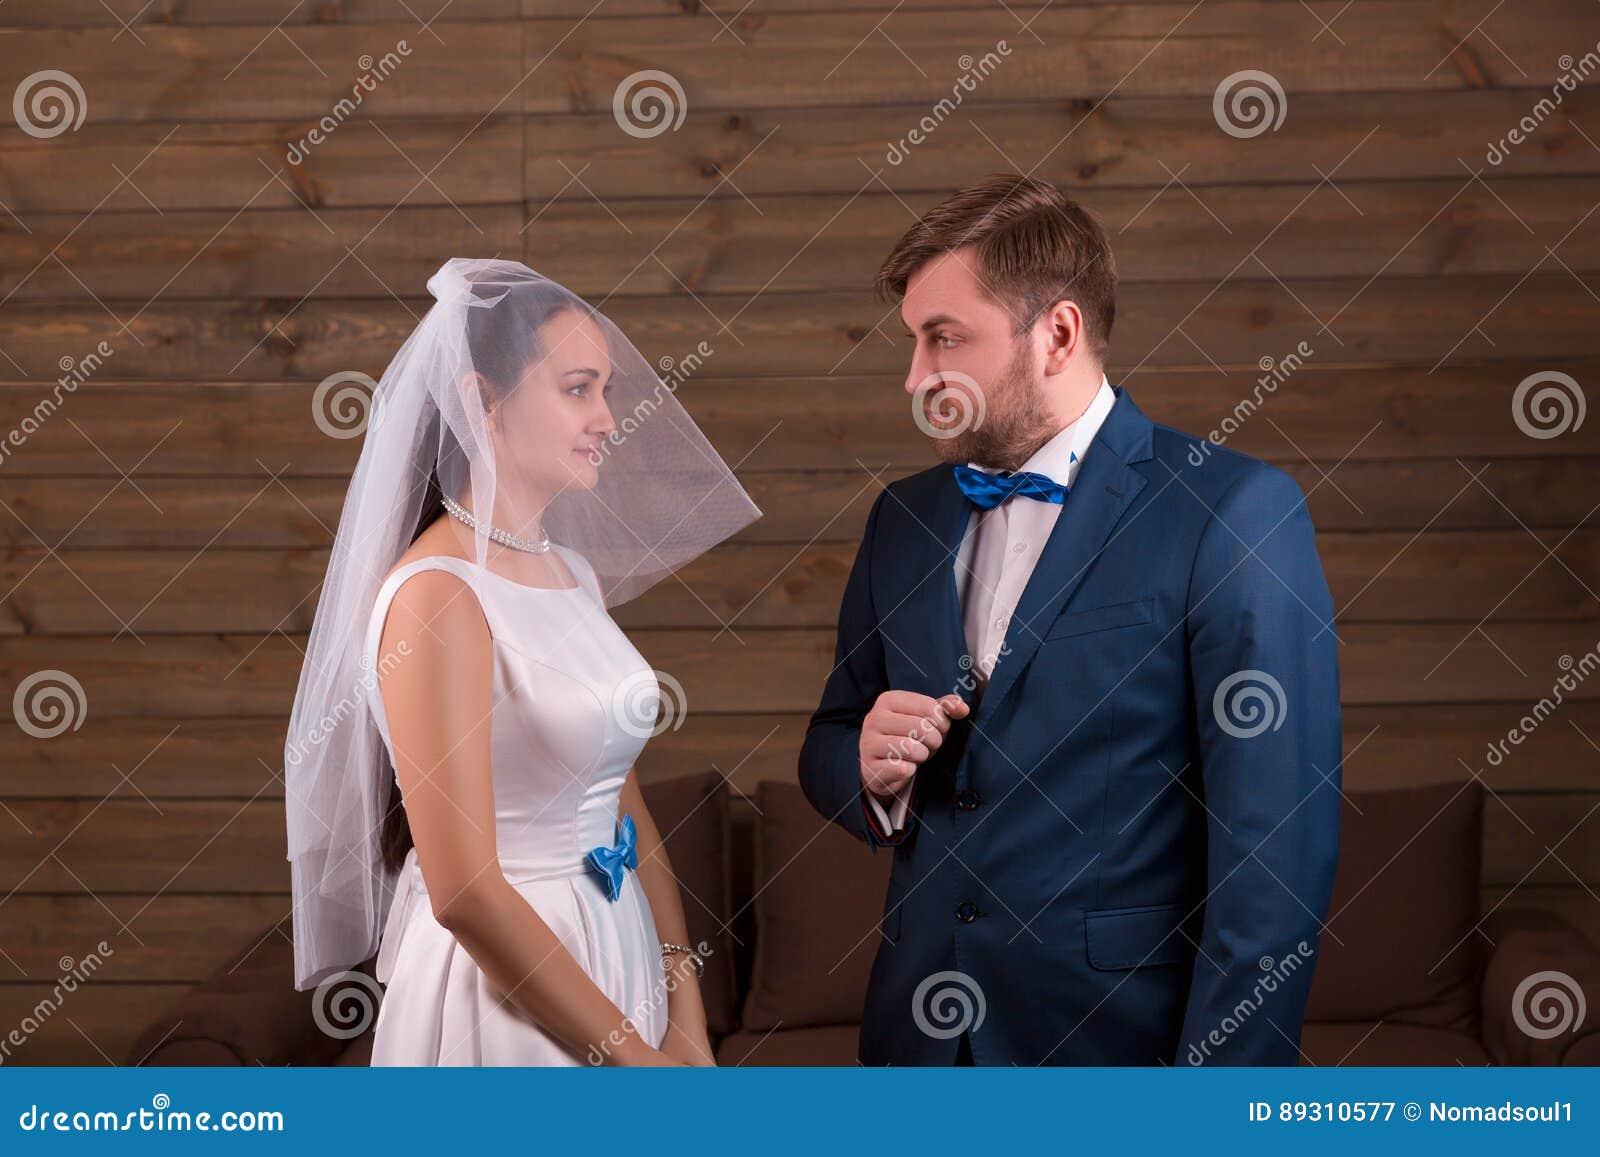 Bruden i klänning och skyler mot brudgum i dräkt